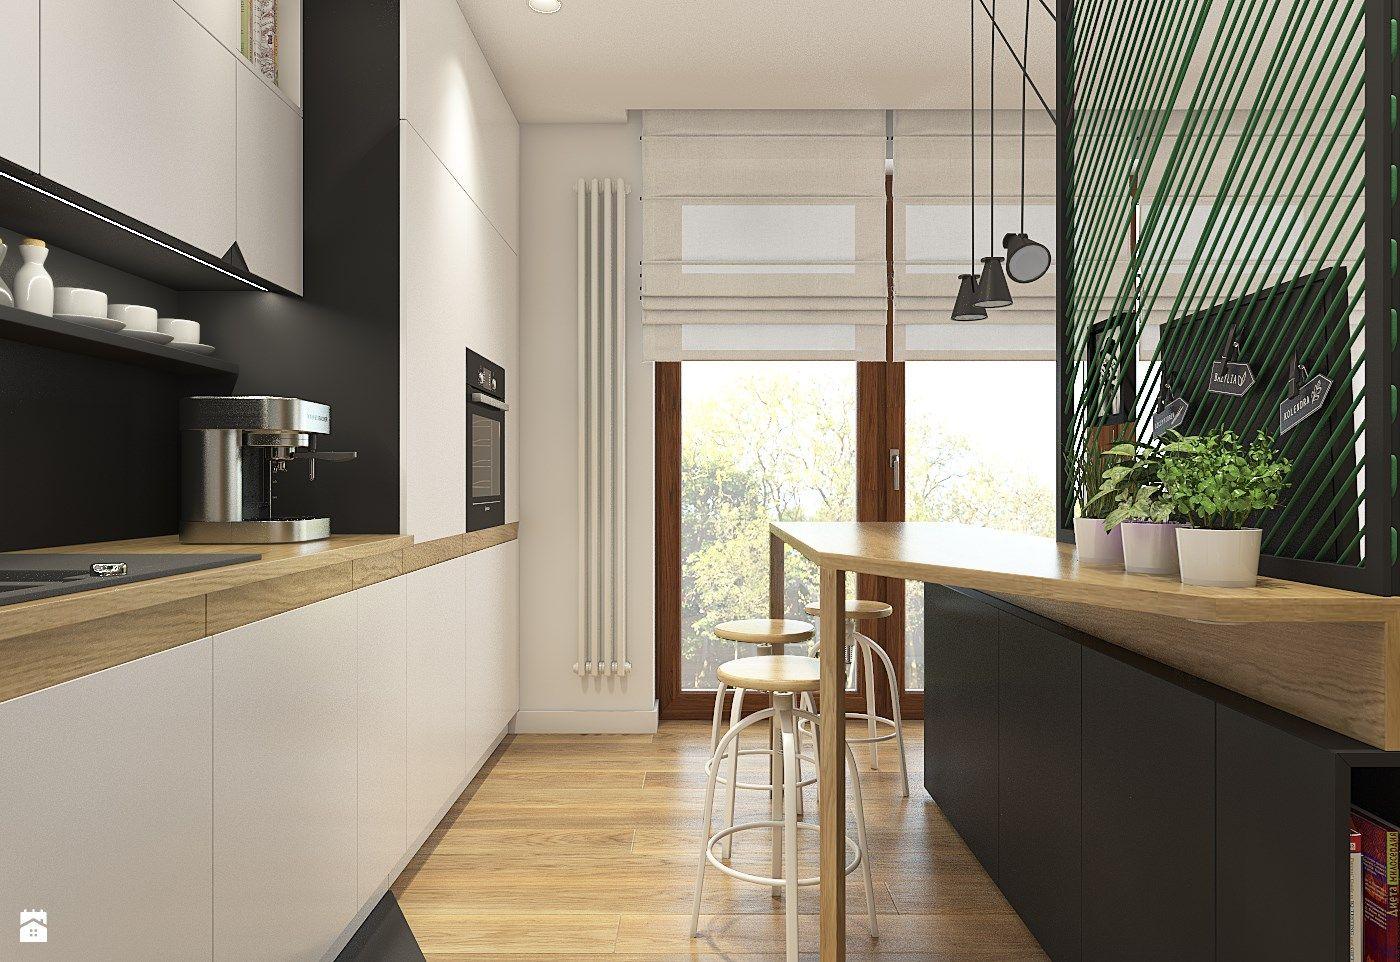 Kuchnia styl nowoczesny zdjęcie od werdhome kuchnia styl